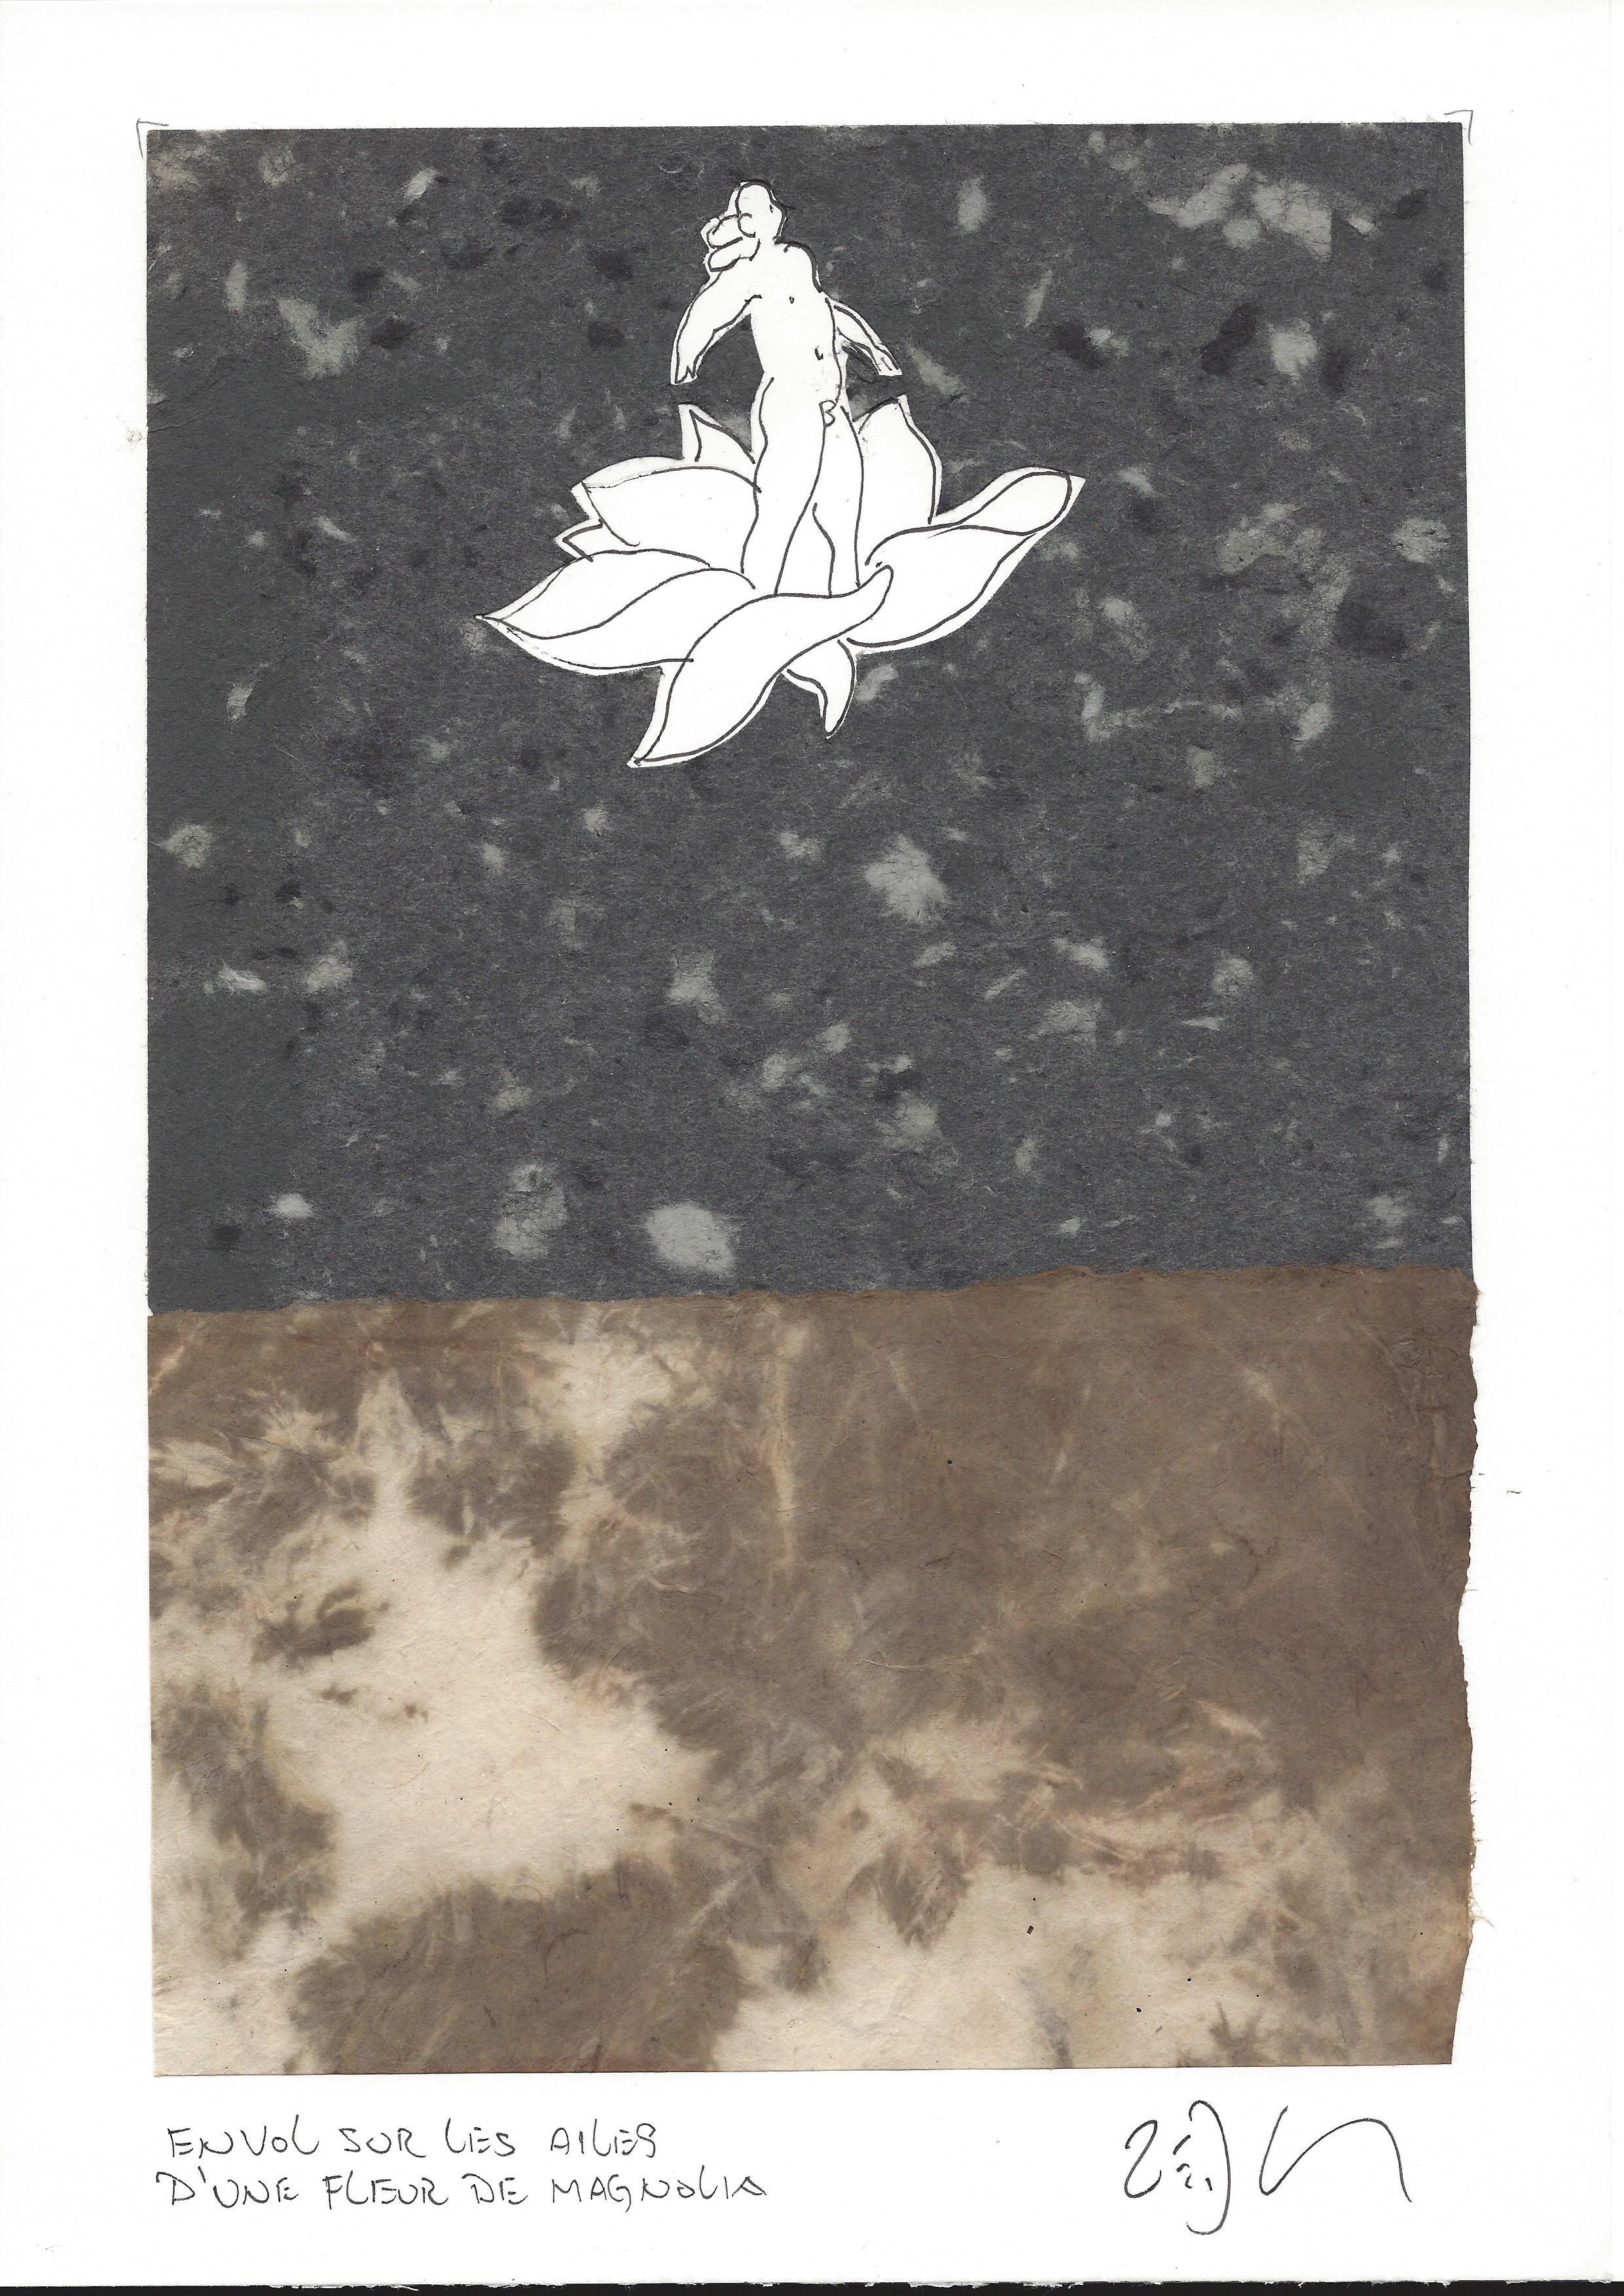 """""""Riding on the wings of magnolia blossoms – Envol sur les ailes d'une fleur de magnolia"""""""